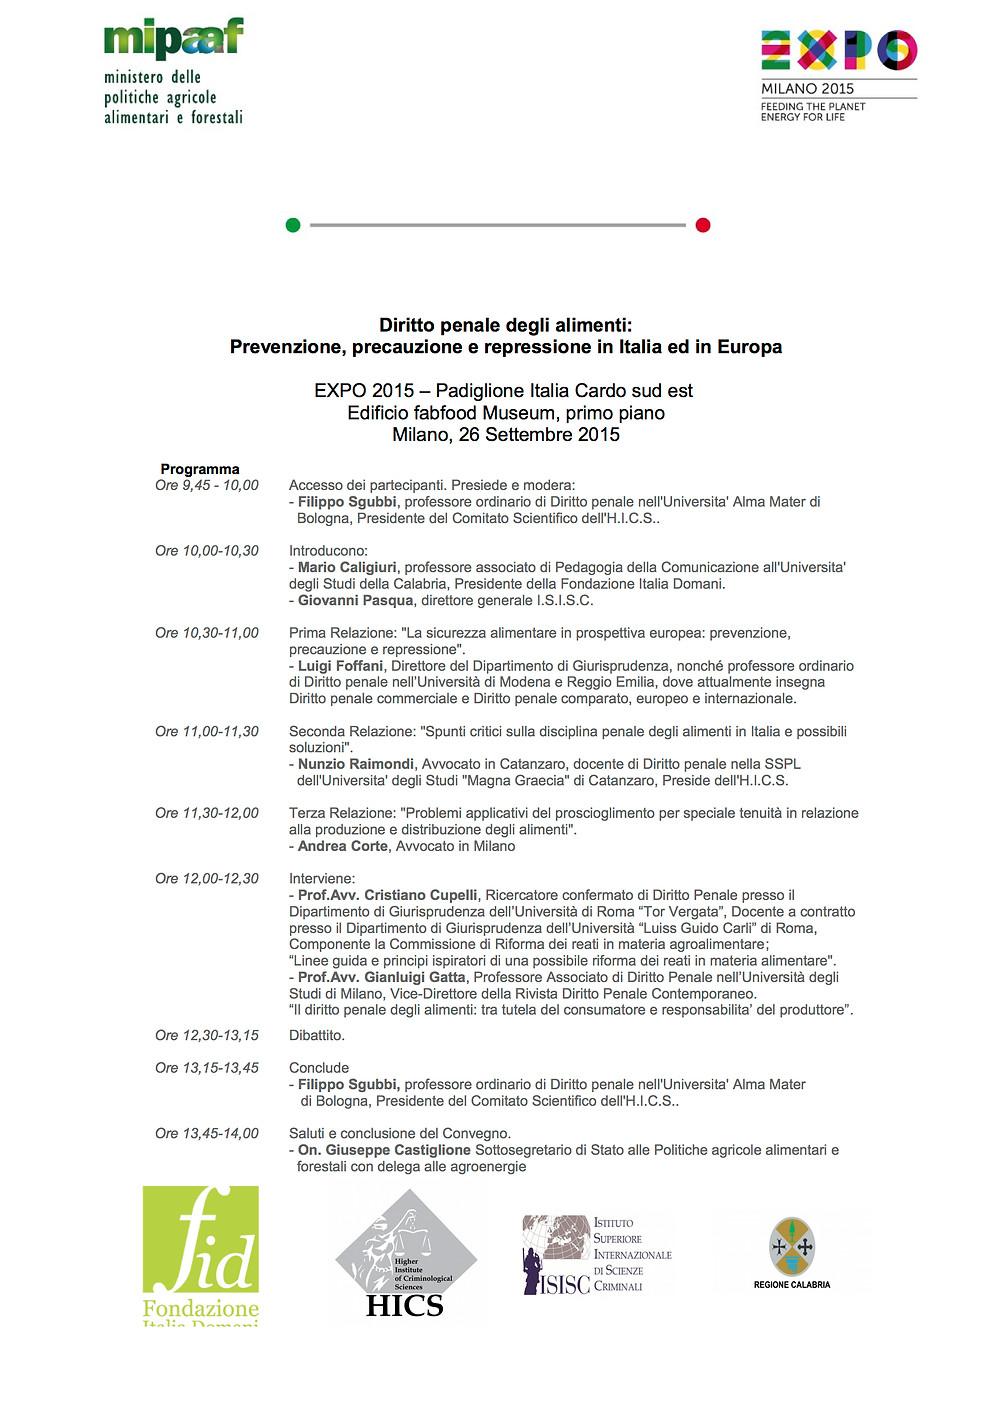 Diritto penale degli alimenti, convegno, Studio Legale Corte, Avv. Andrea Corte, diritto alimentare,